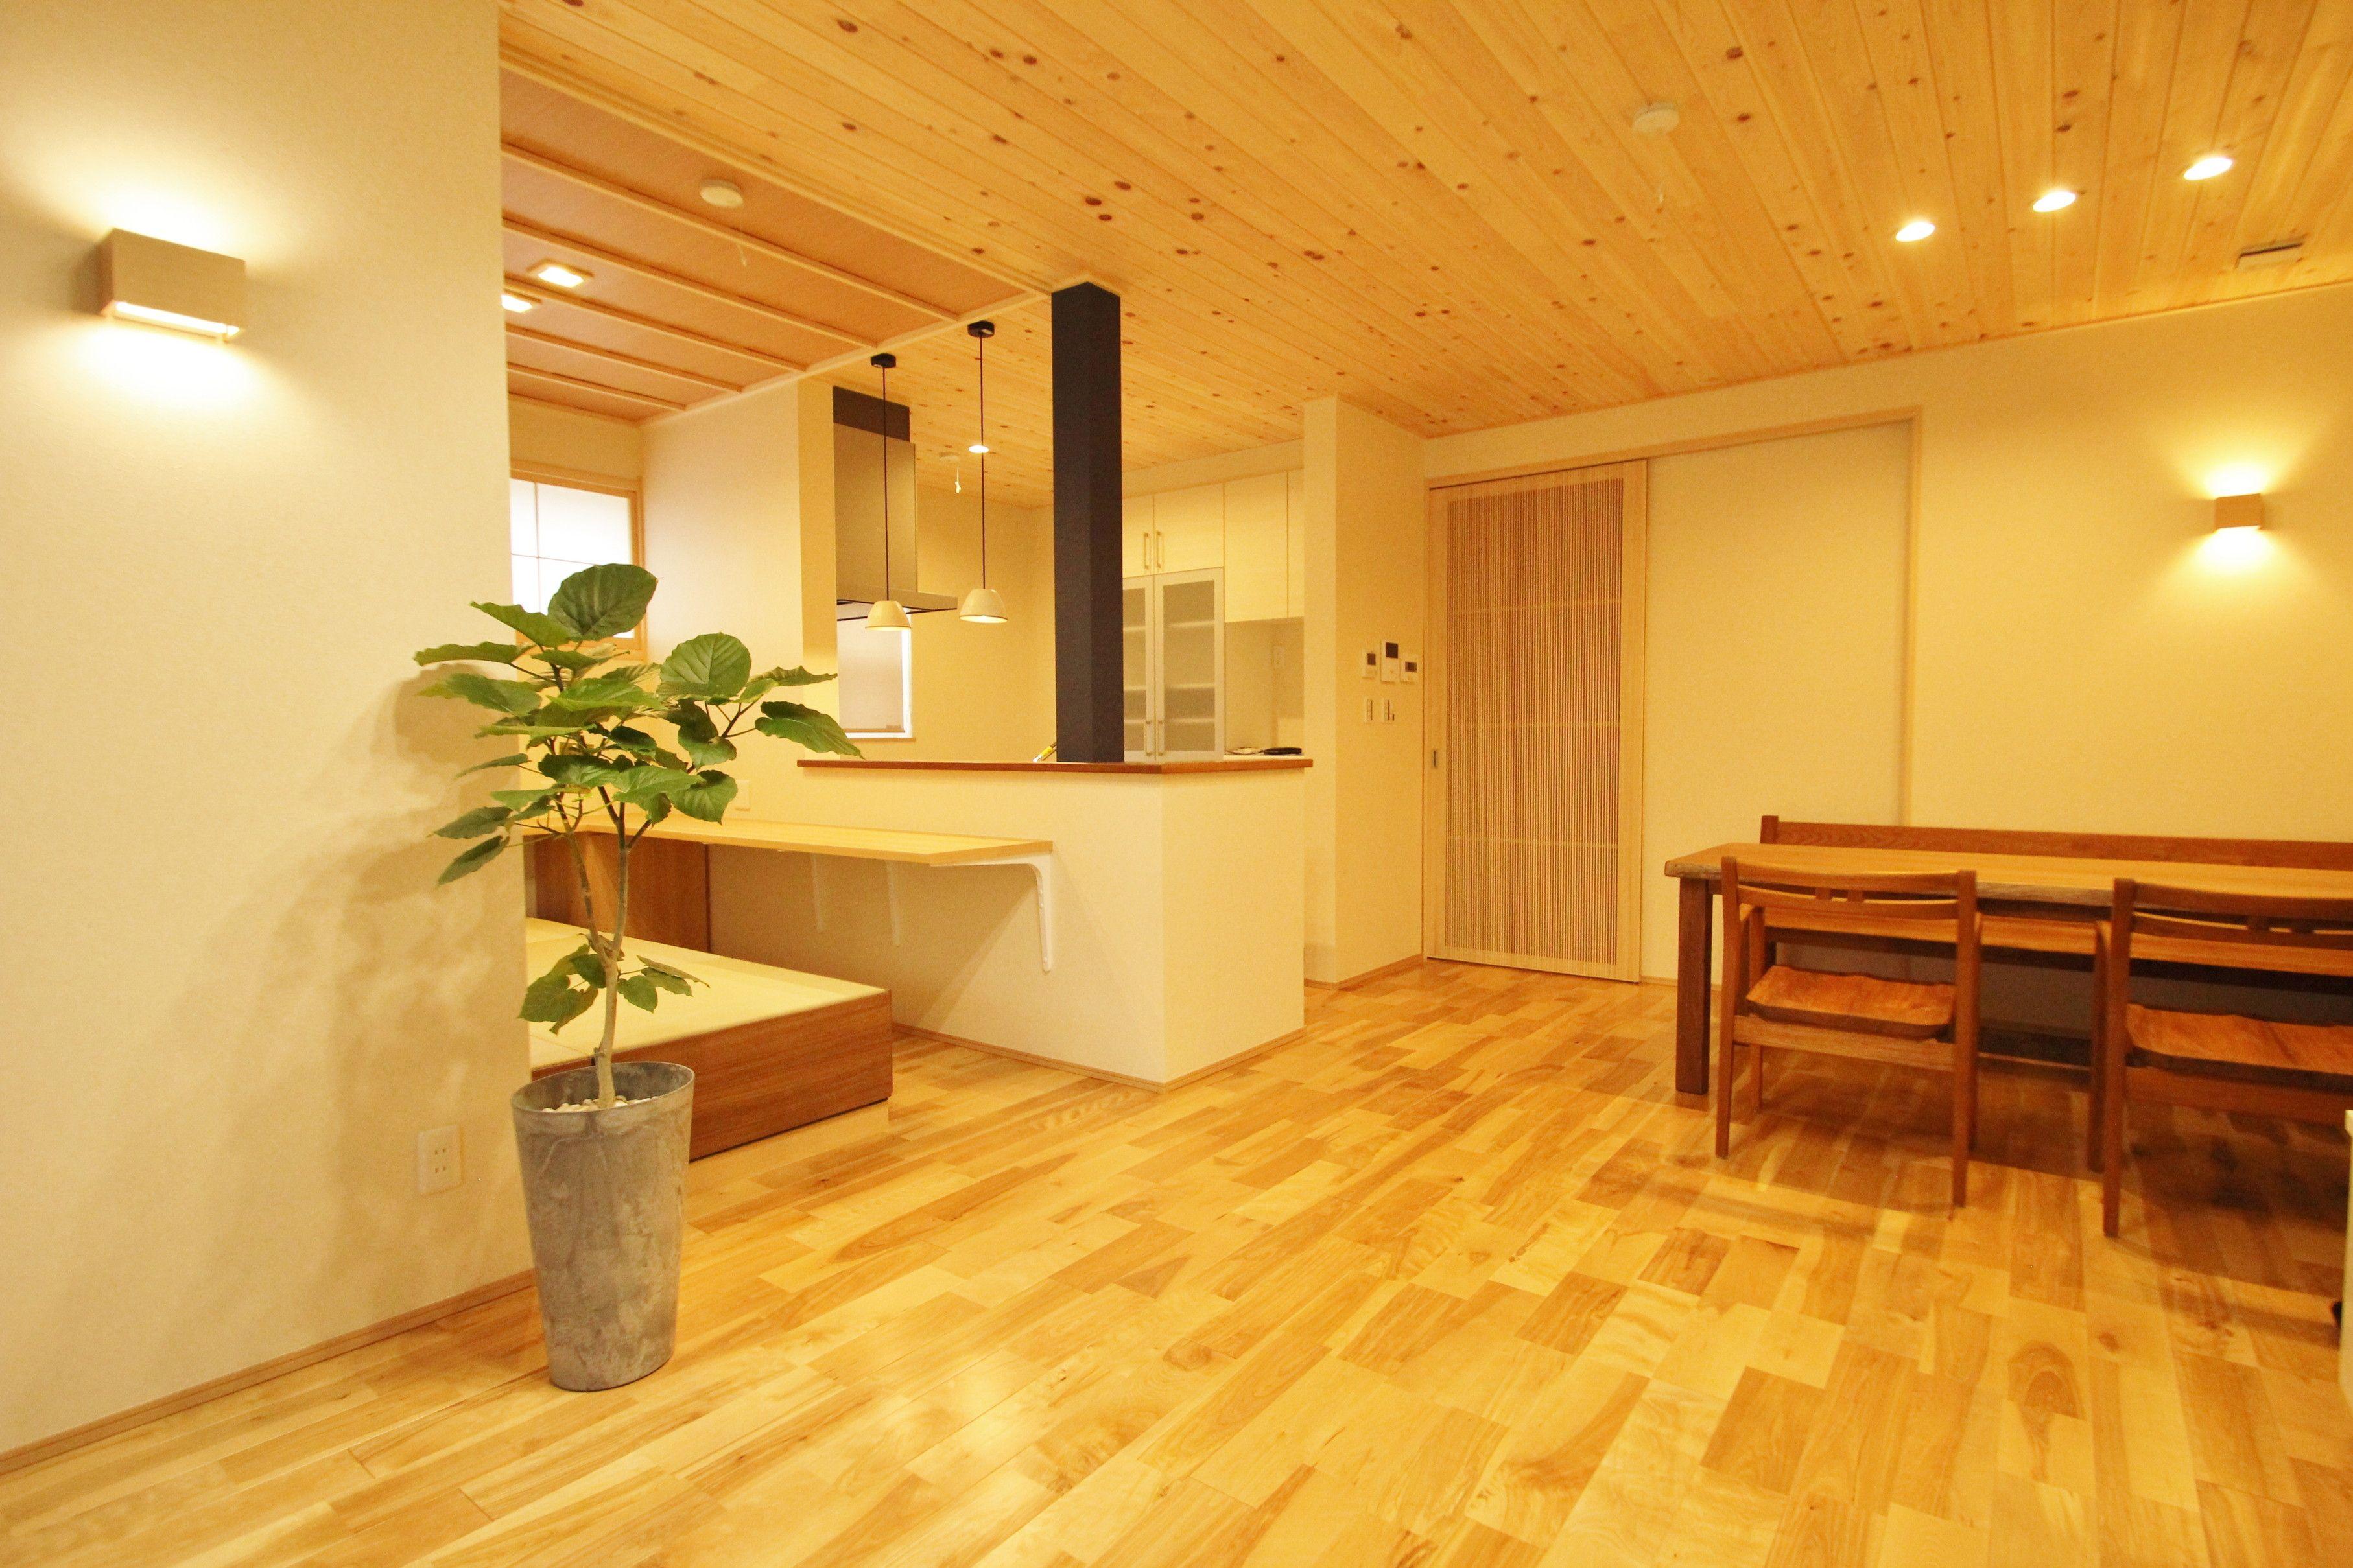 2階のリビングは自然素材をたっぷりと使用しました 木曾ひのきの